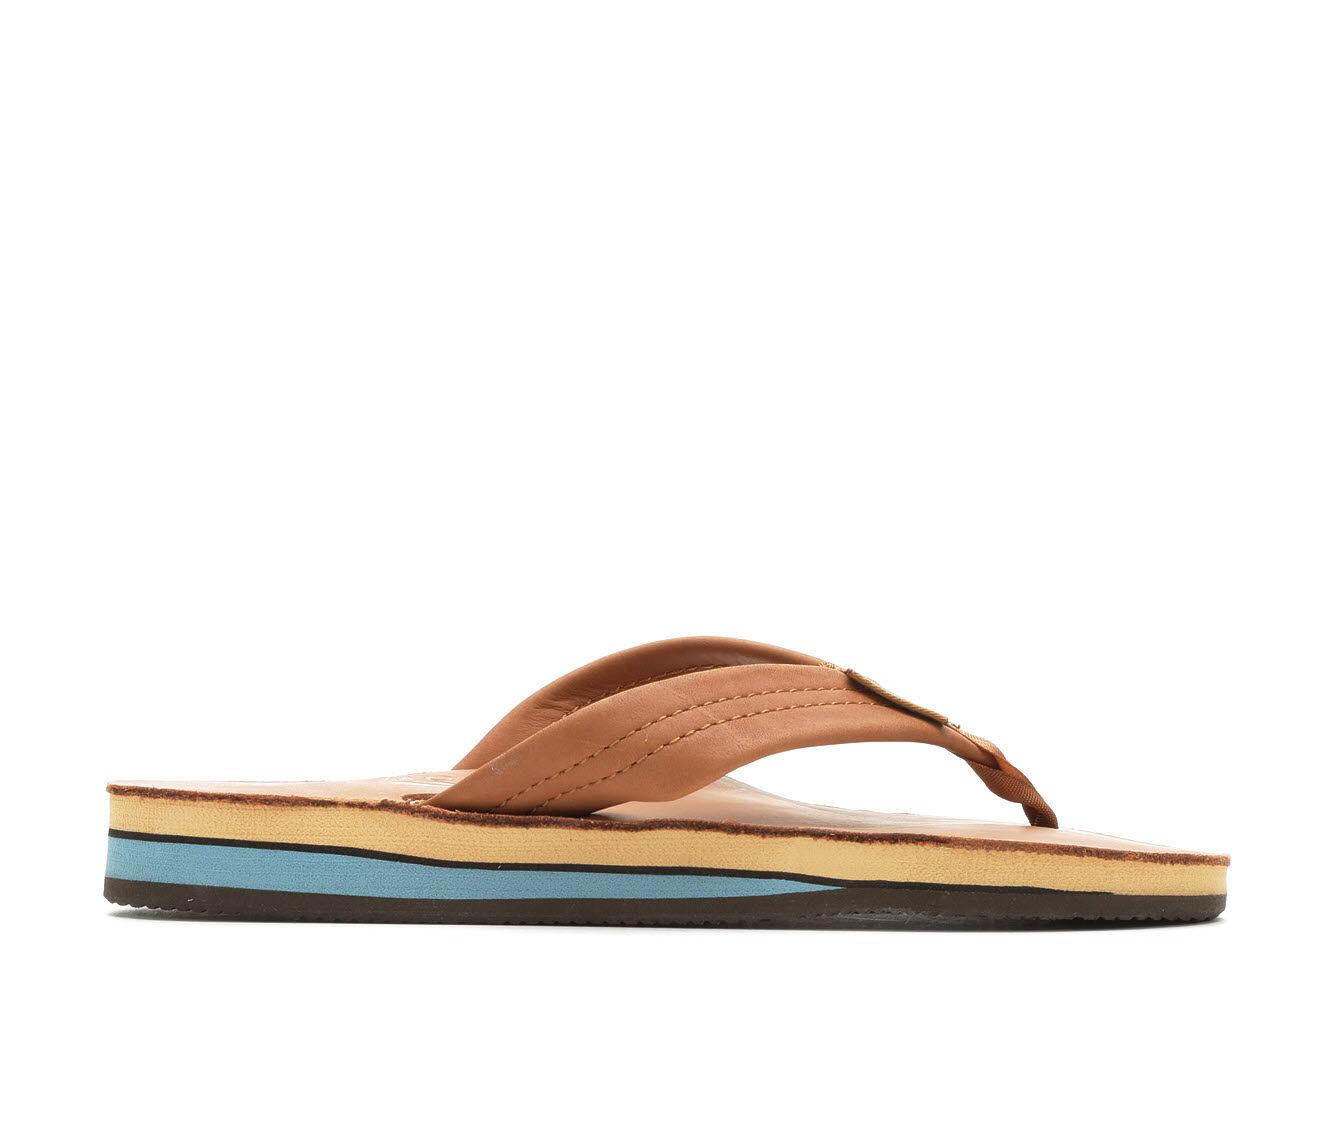 Women's Rainbow Sandals Premier Leather Double Layer -302ALTS Flip-Flops Classic Tan/Blu